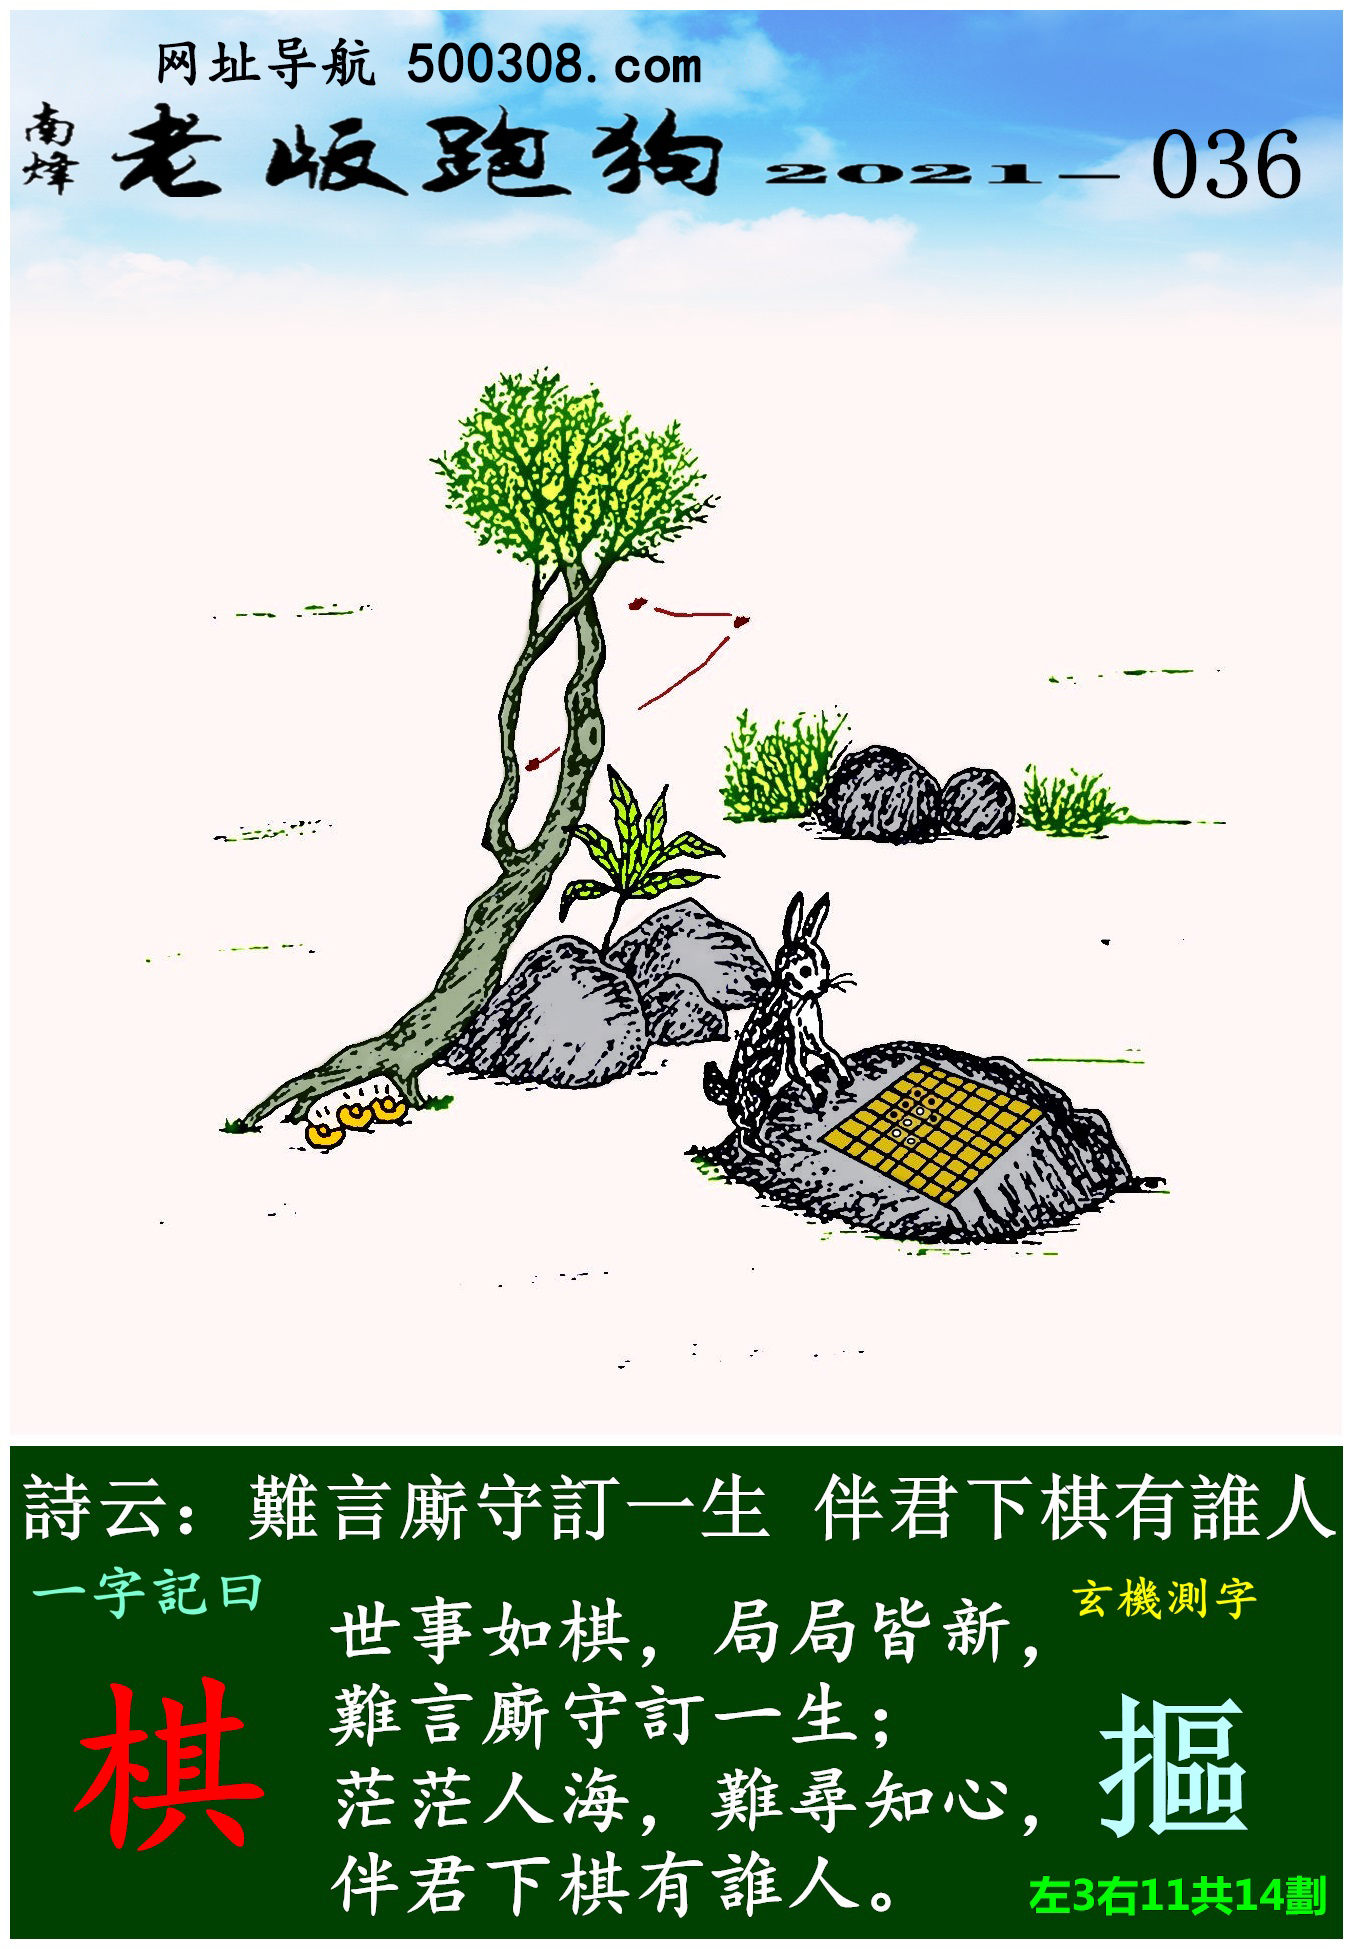 036期老版跑狗一字�之曰:【棋】 ��:�y言�P守�一生,伴君下棋有�l人。